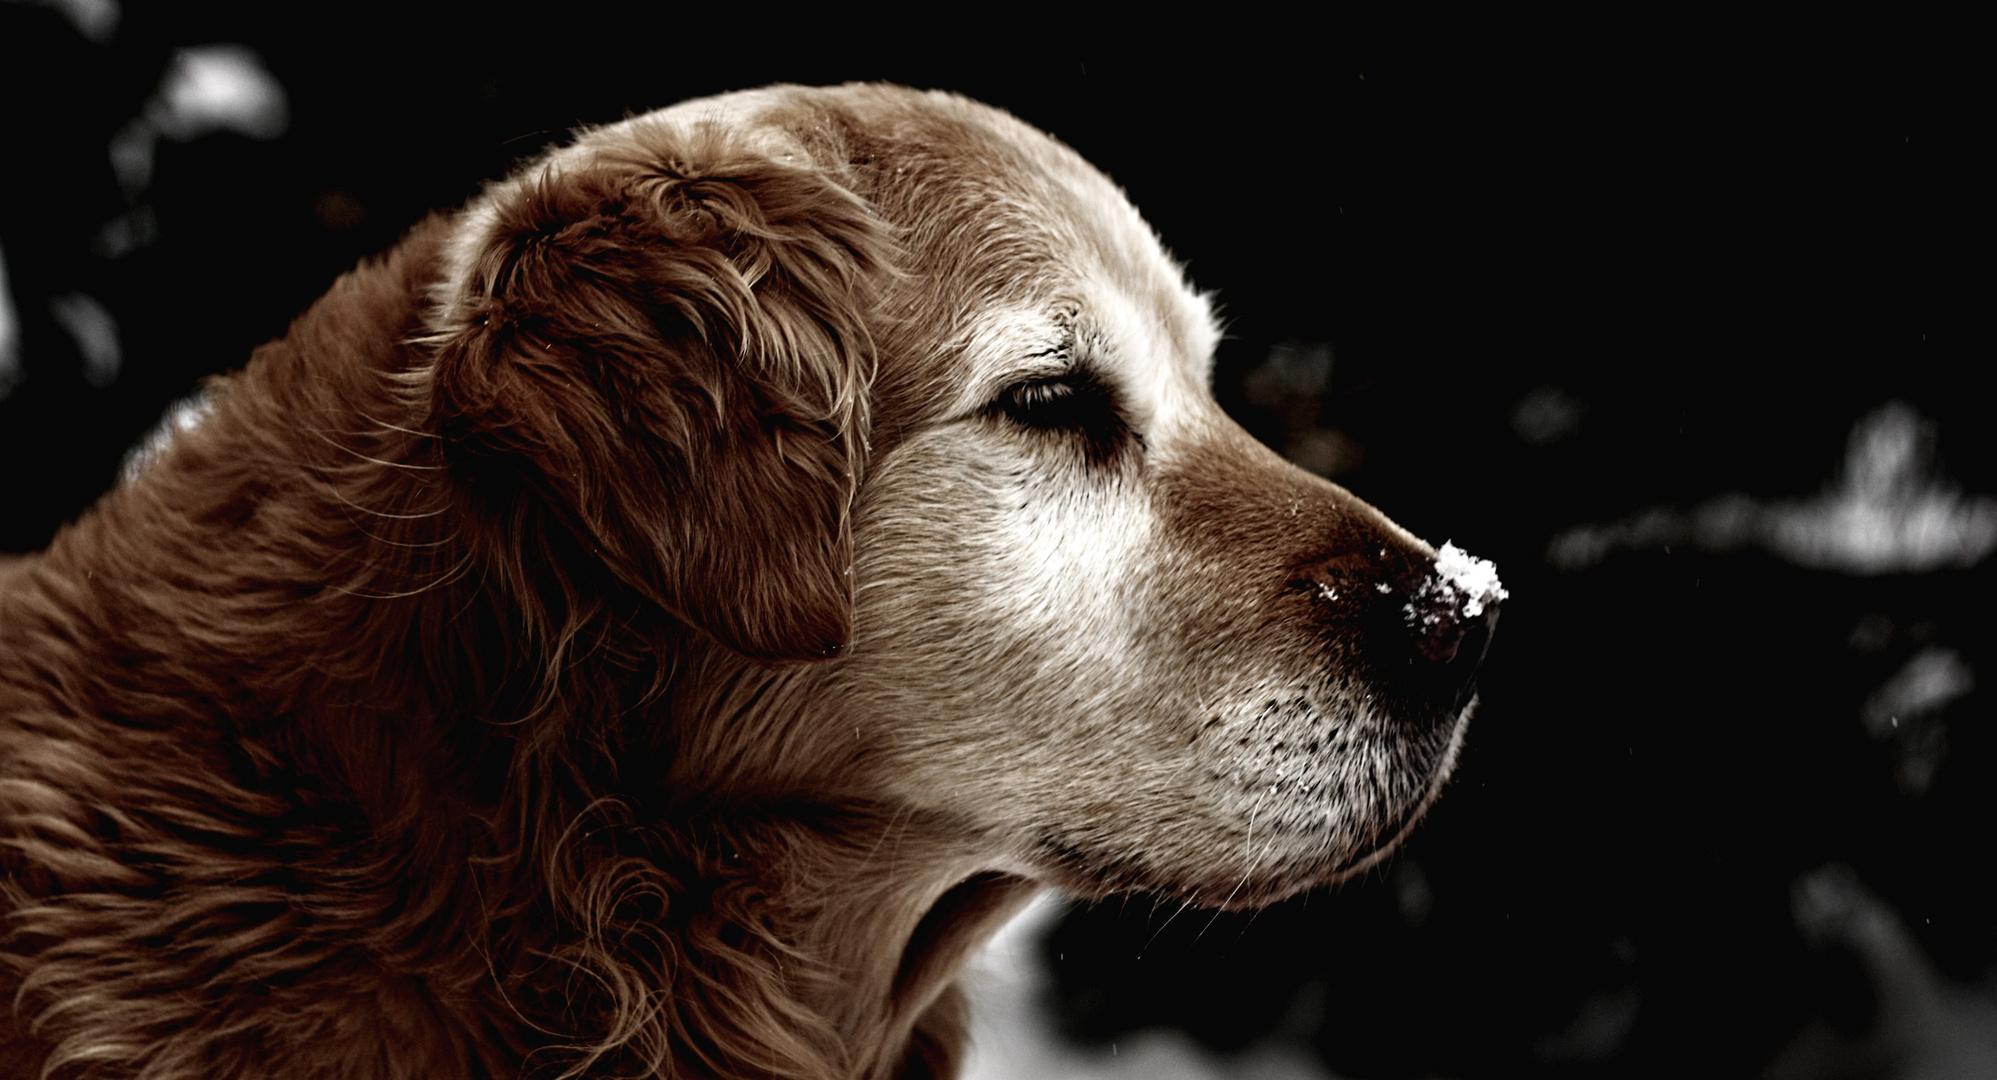 Ruhe In Frieden Mein Alter Freund Foto Bild Tiere Haustiere